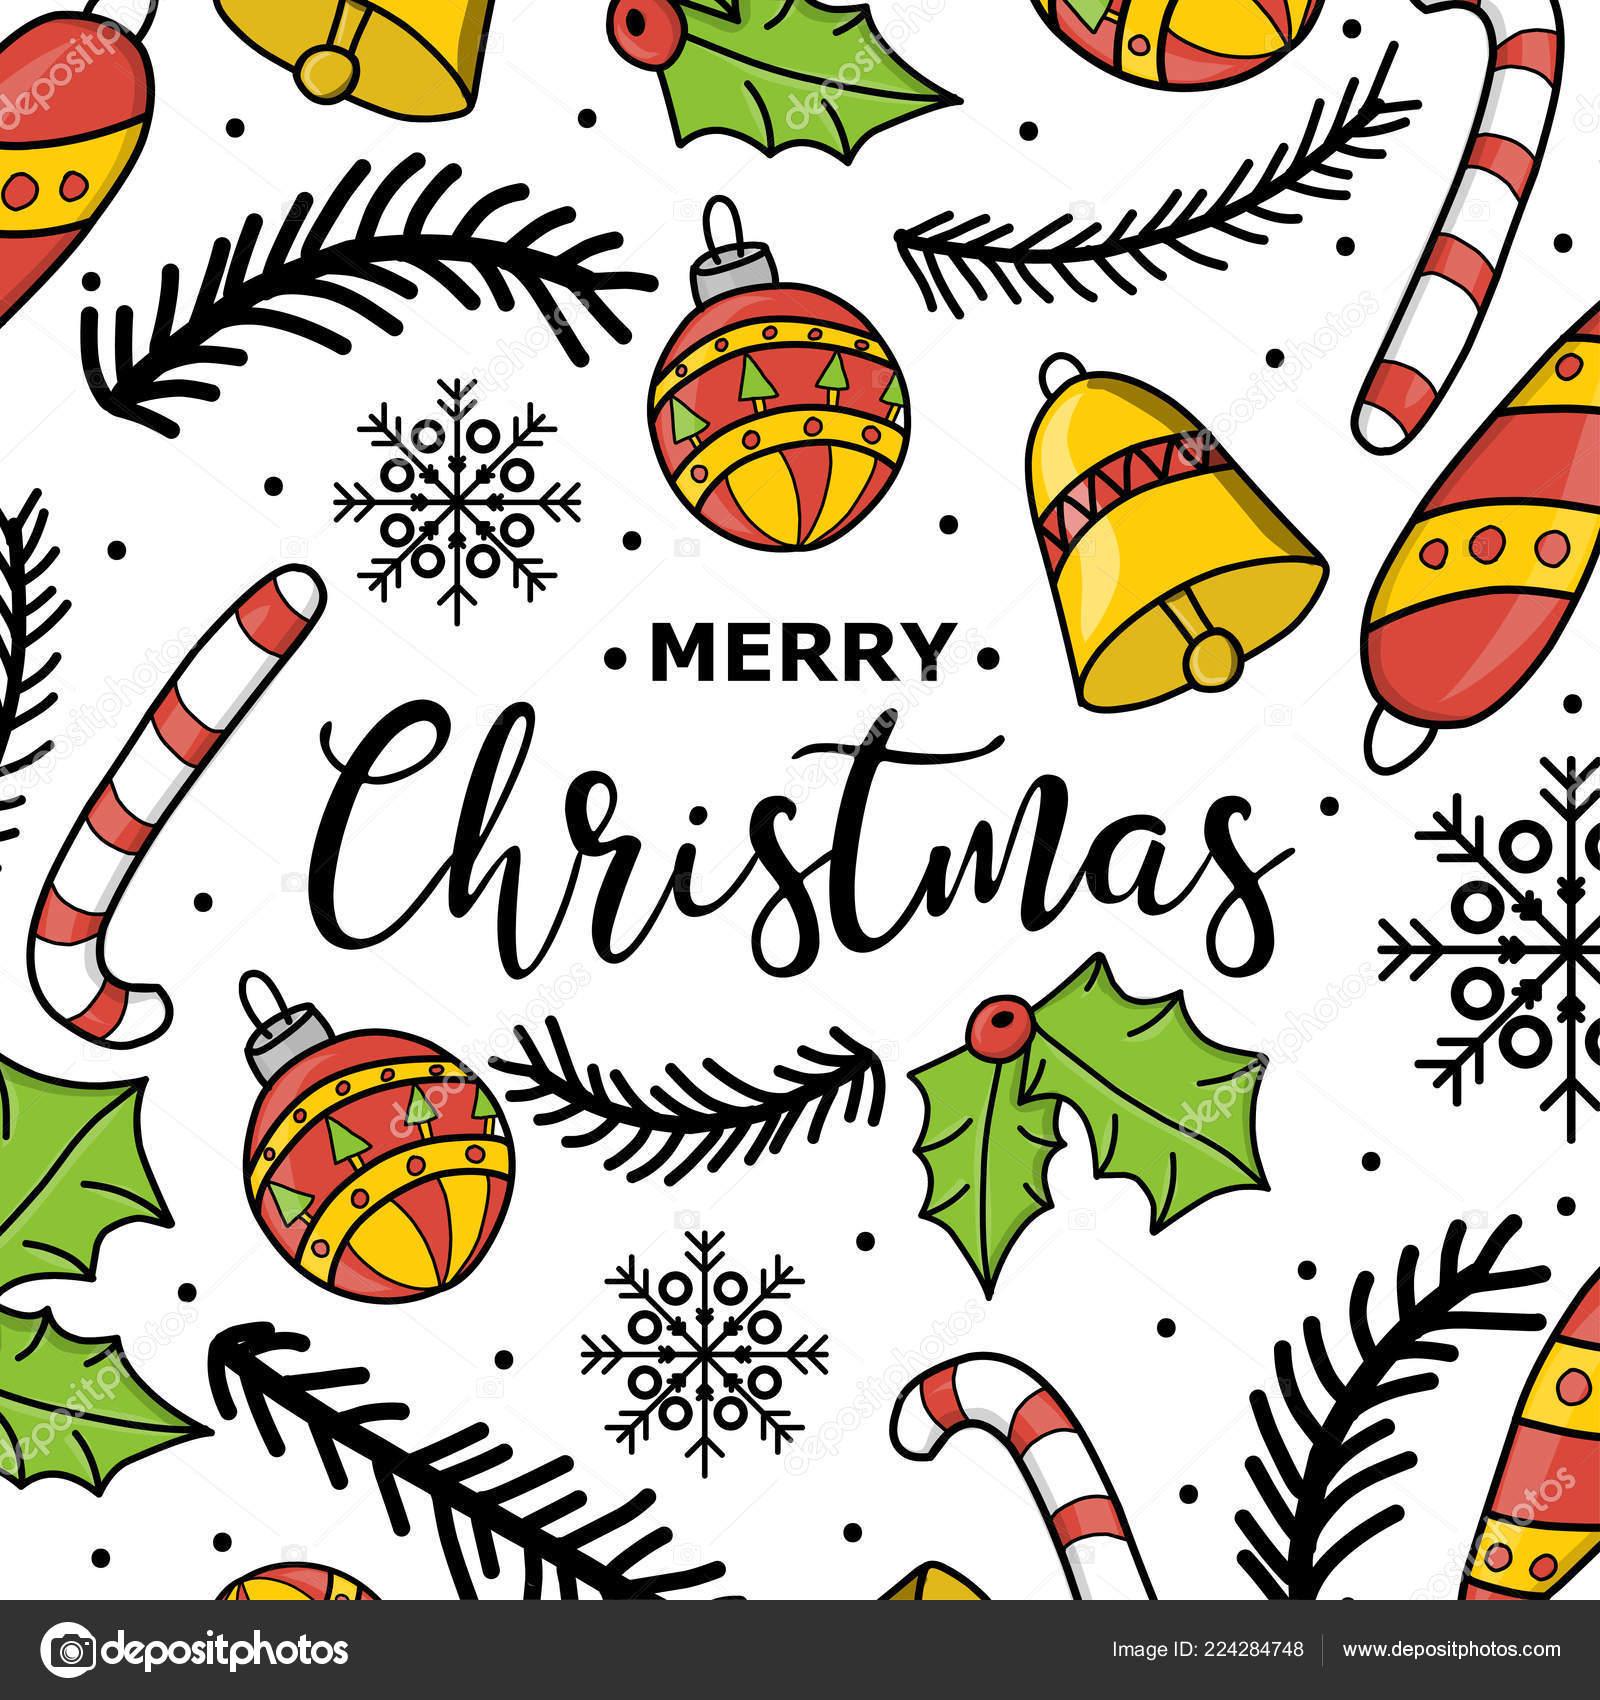 Decorazioni Di Natale Disegni.Anno Nuovo Natale Disegno A Mano Decorazione Di Capodanno Albero